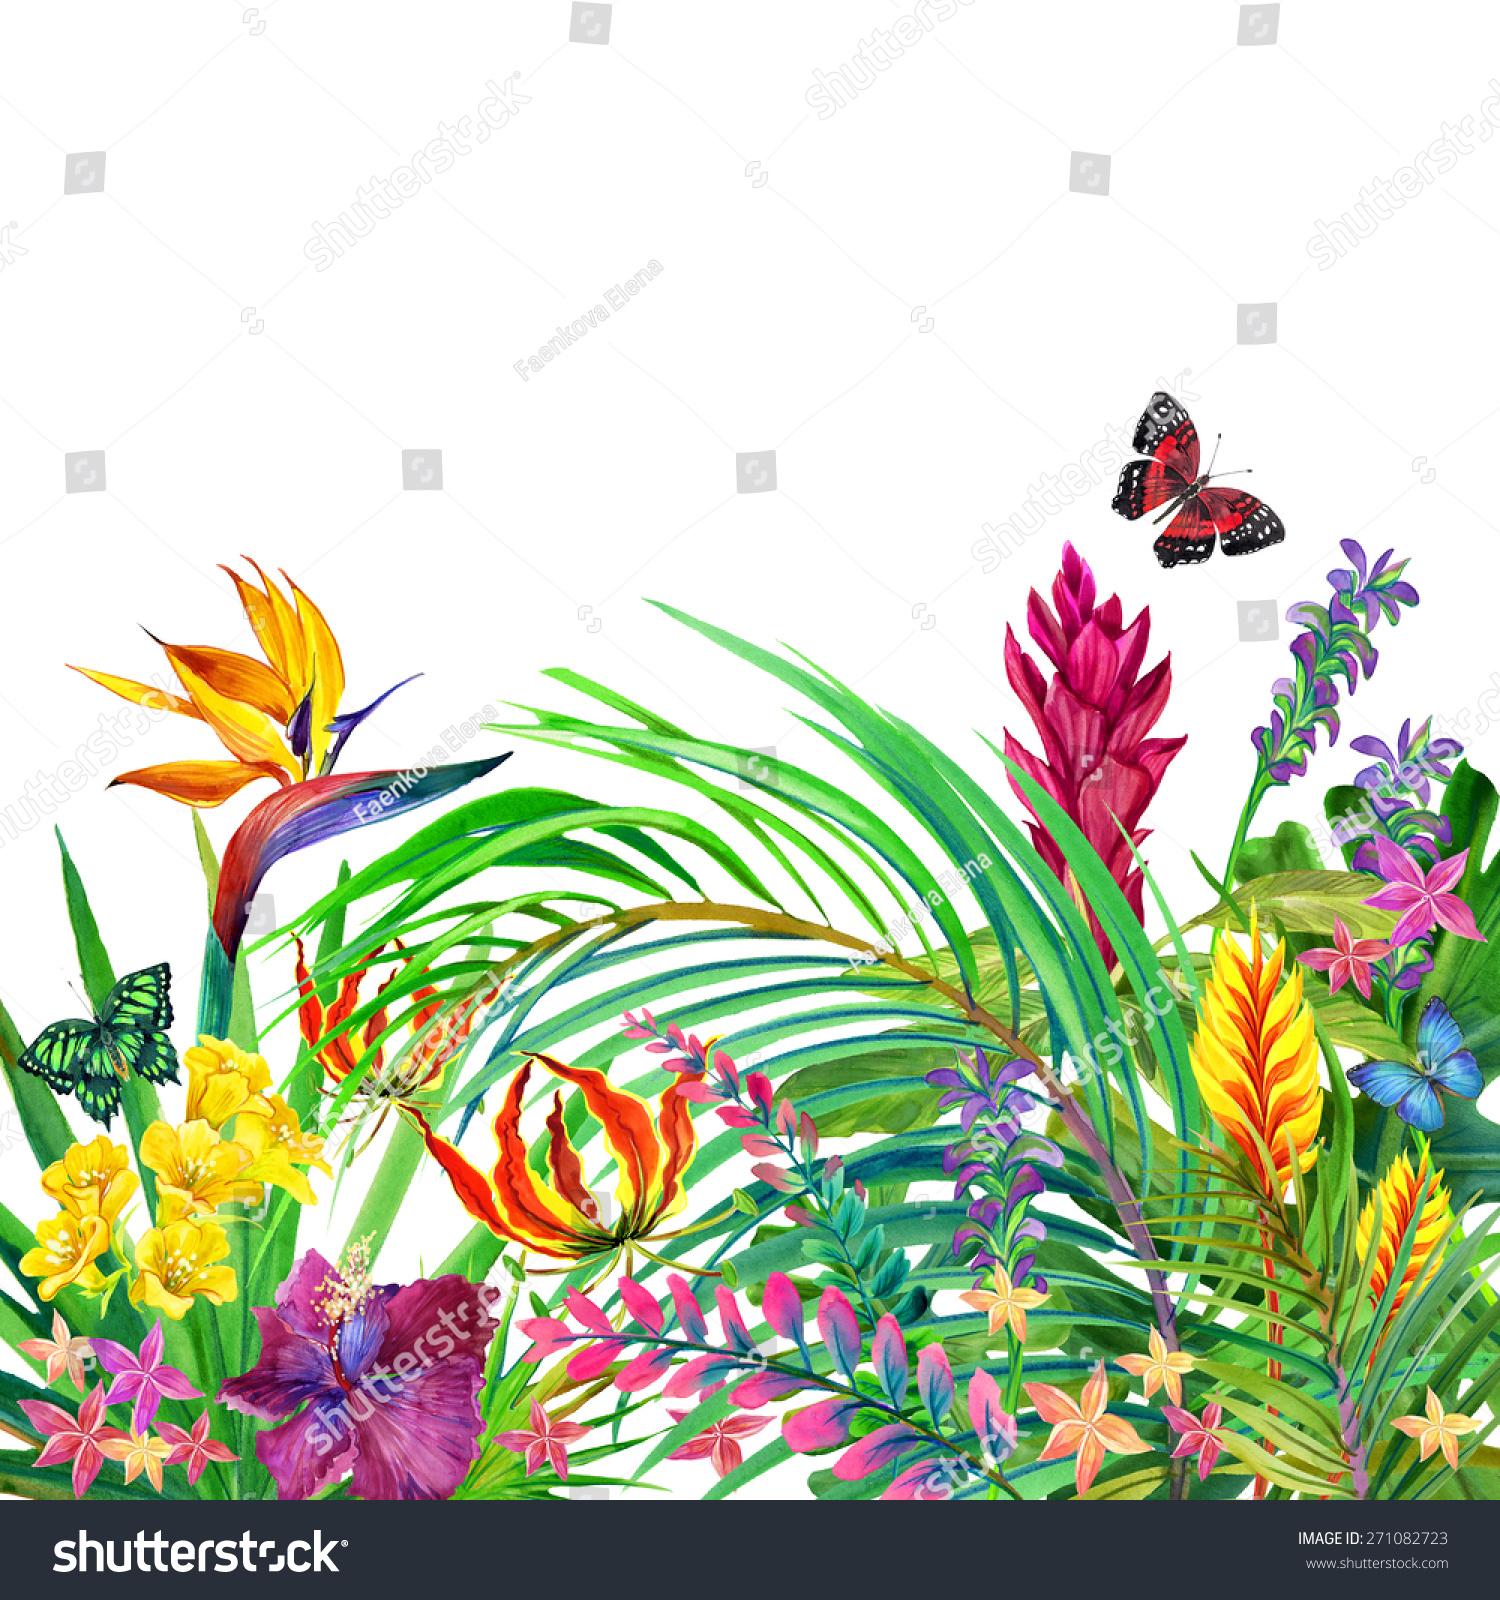 水彩画背景-背景/素材,自然-()